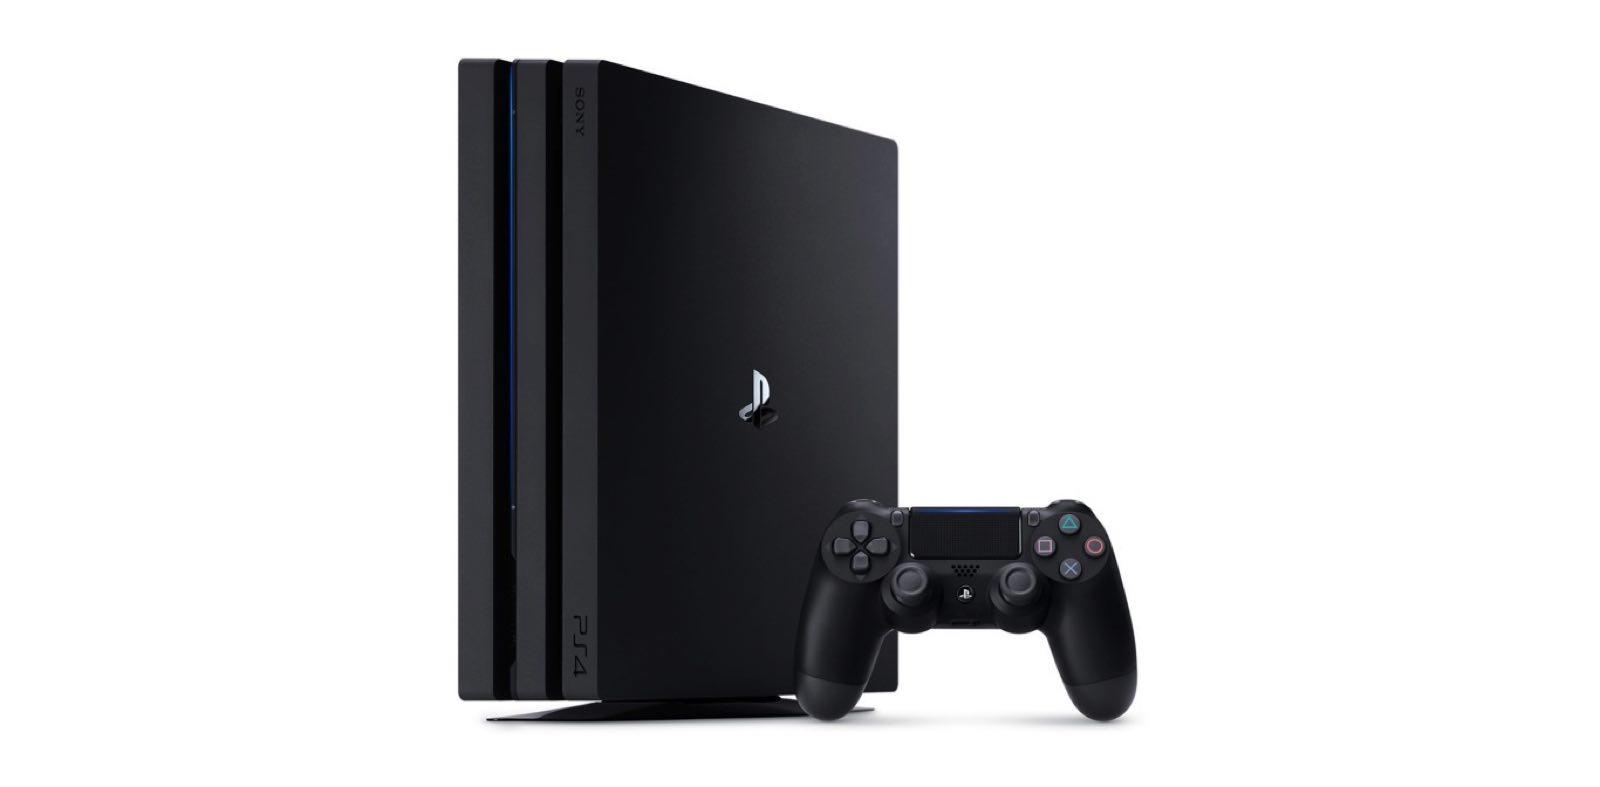 PlayStation 4 Pro 本体 ジェットブラック 1TB (CUH-7200BB01) 【中古】【PS3・PS4本体】【鈴鹿 専売品】【059-181010-01SS】